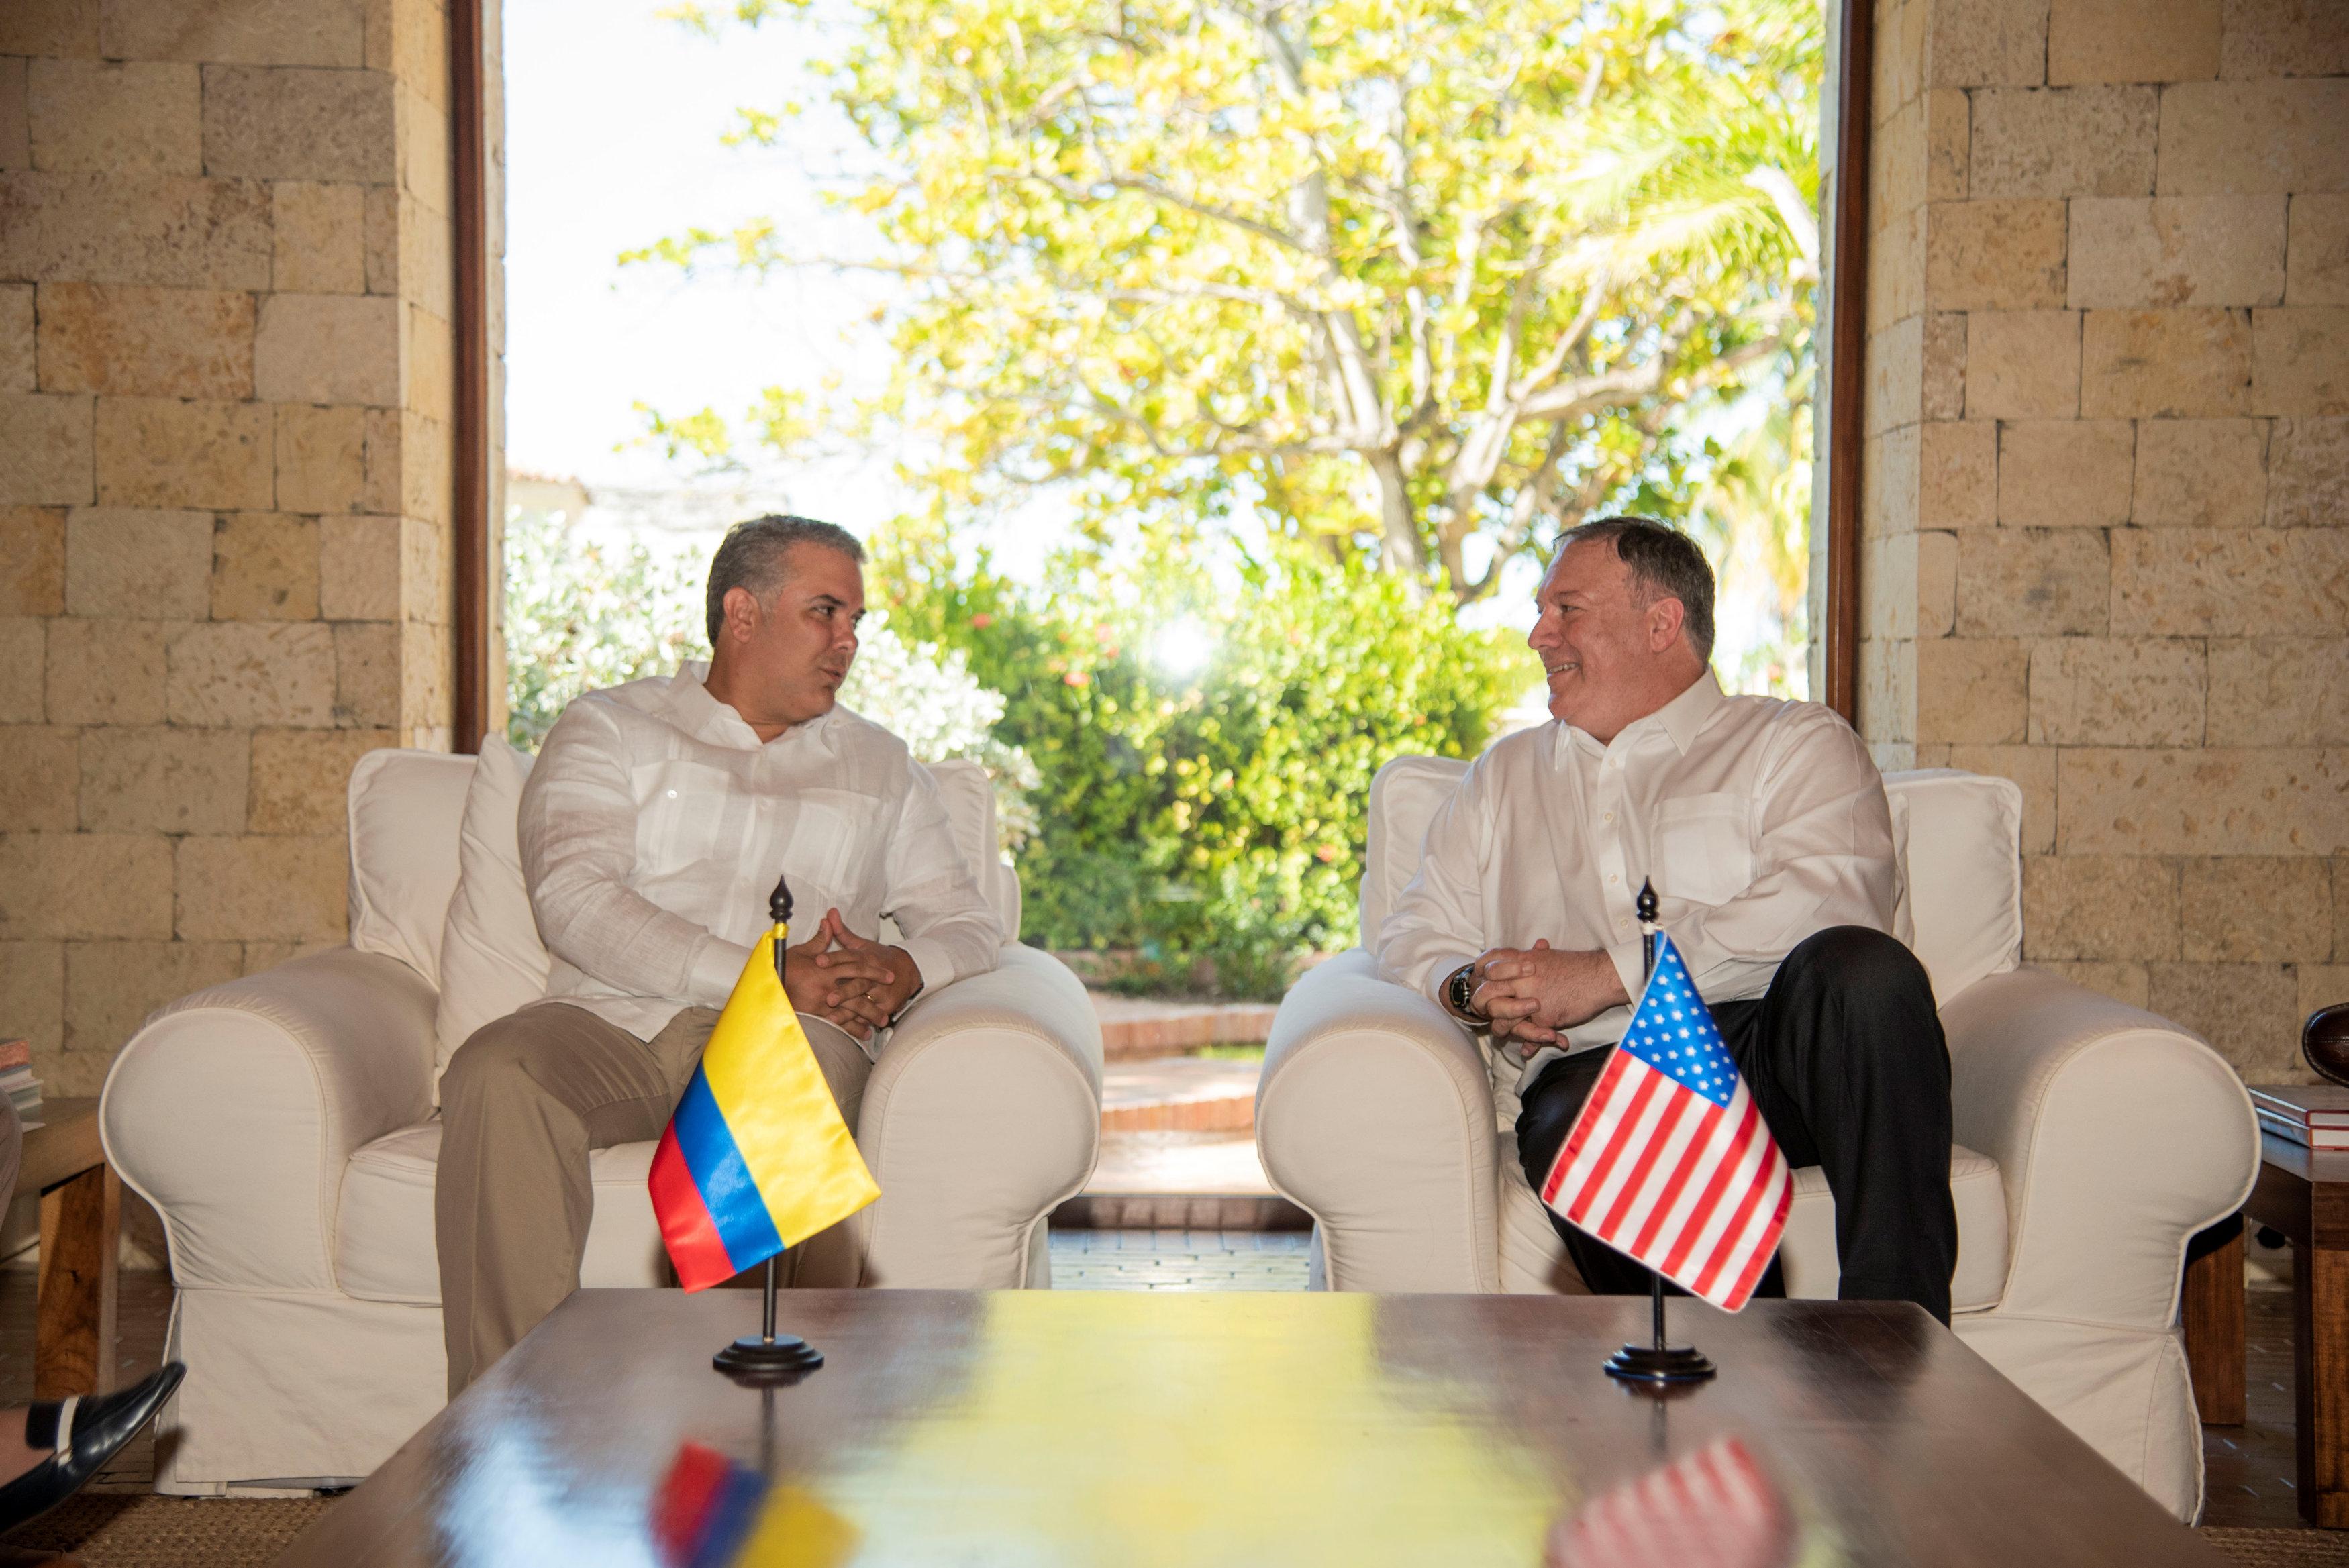 أمريكا وكولومبيا تتفقان على فرض عزلة دبلوماسية  (2)